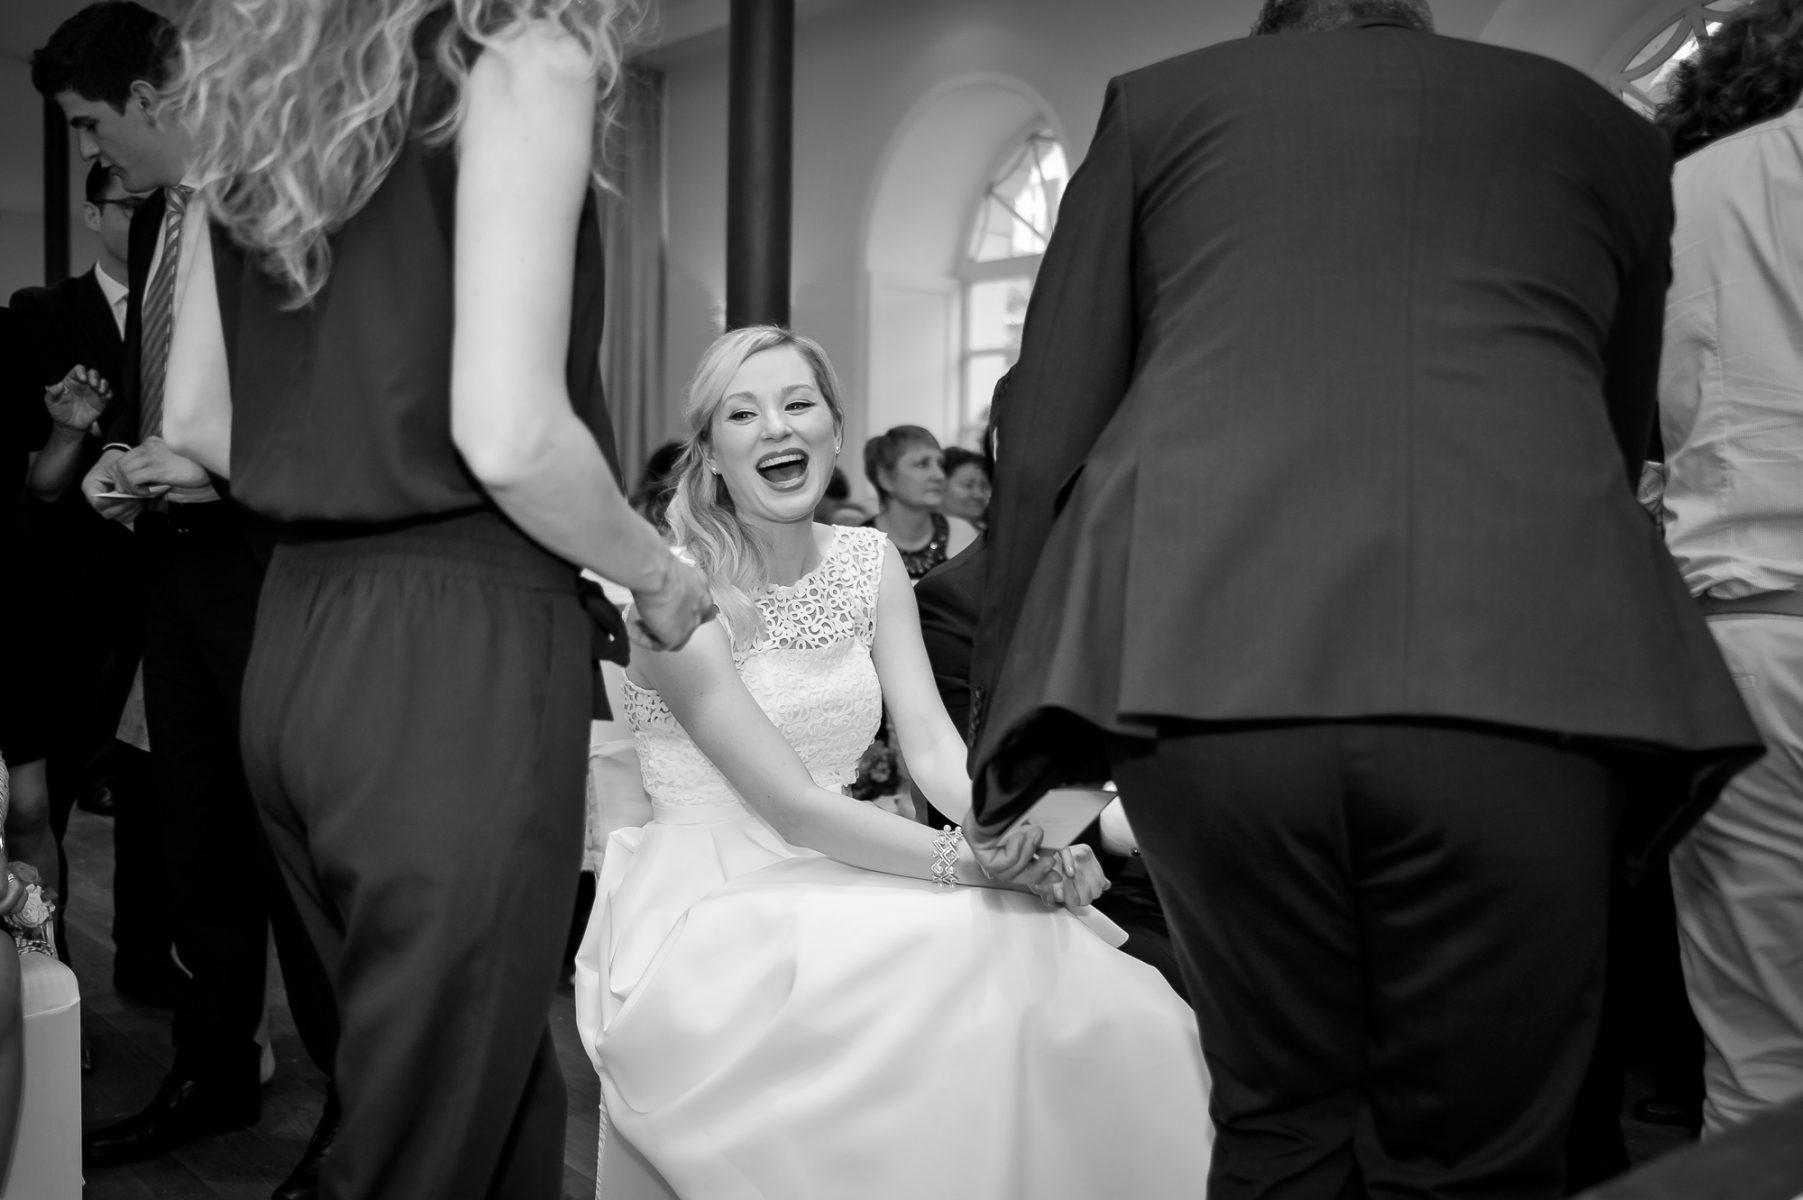 Hochzeit B2000  225882 205 1803x1200 - Hochzeitsfotografie